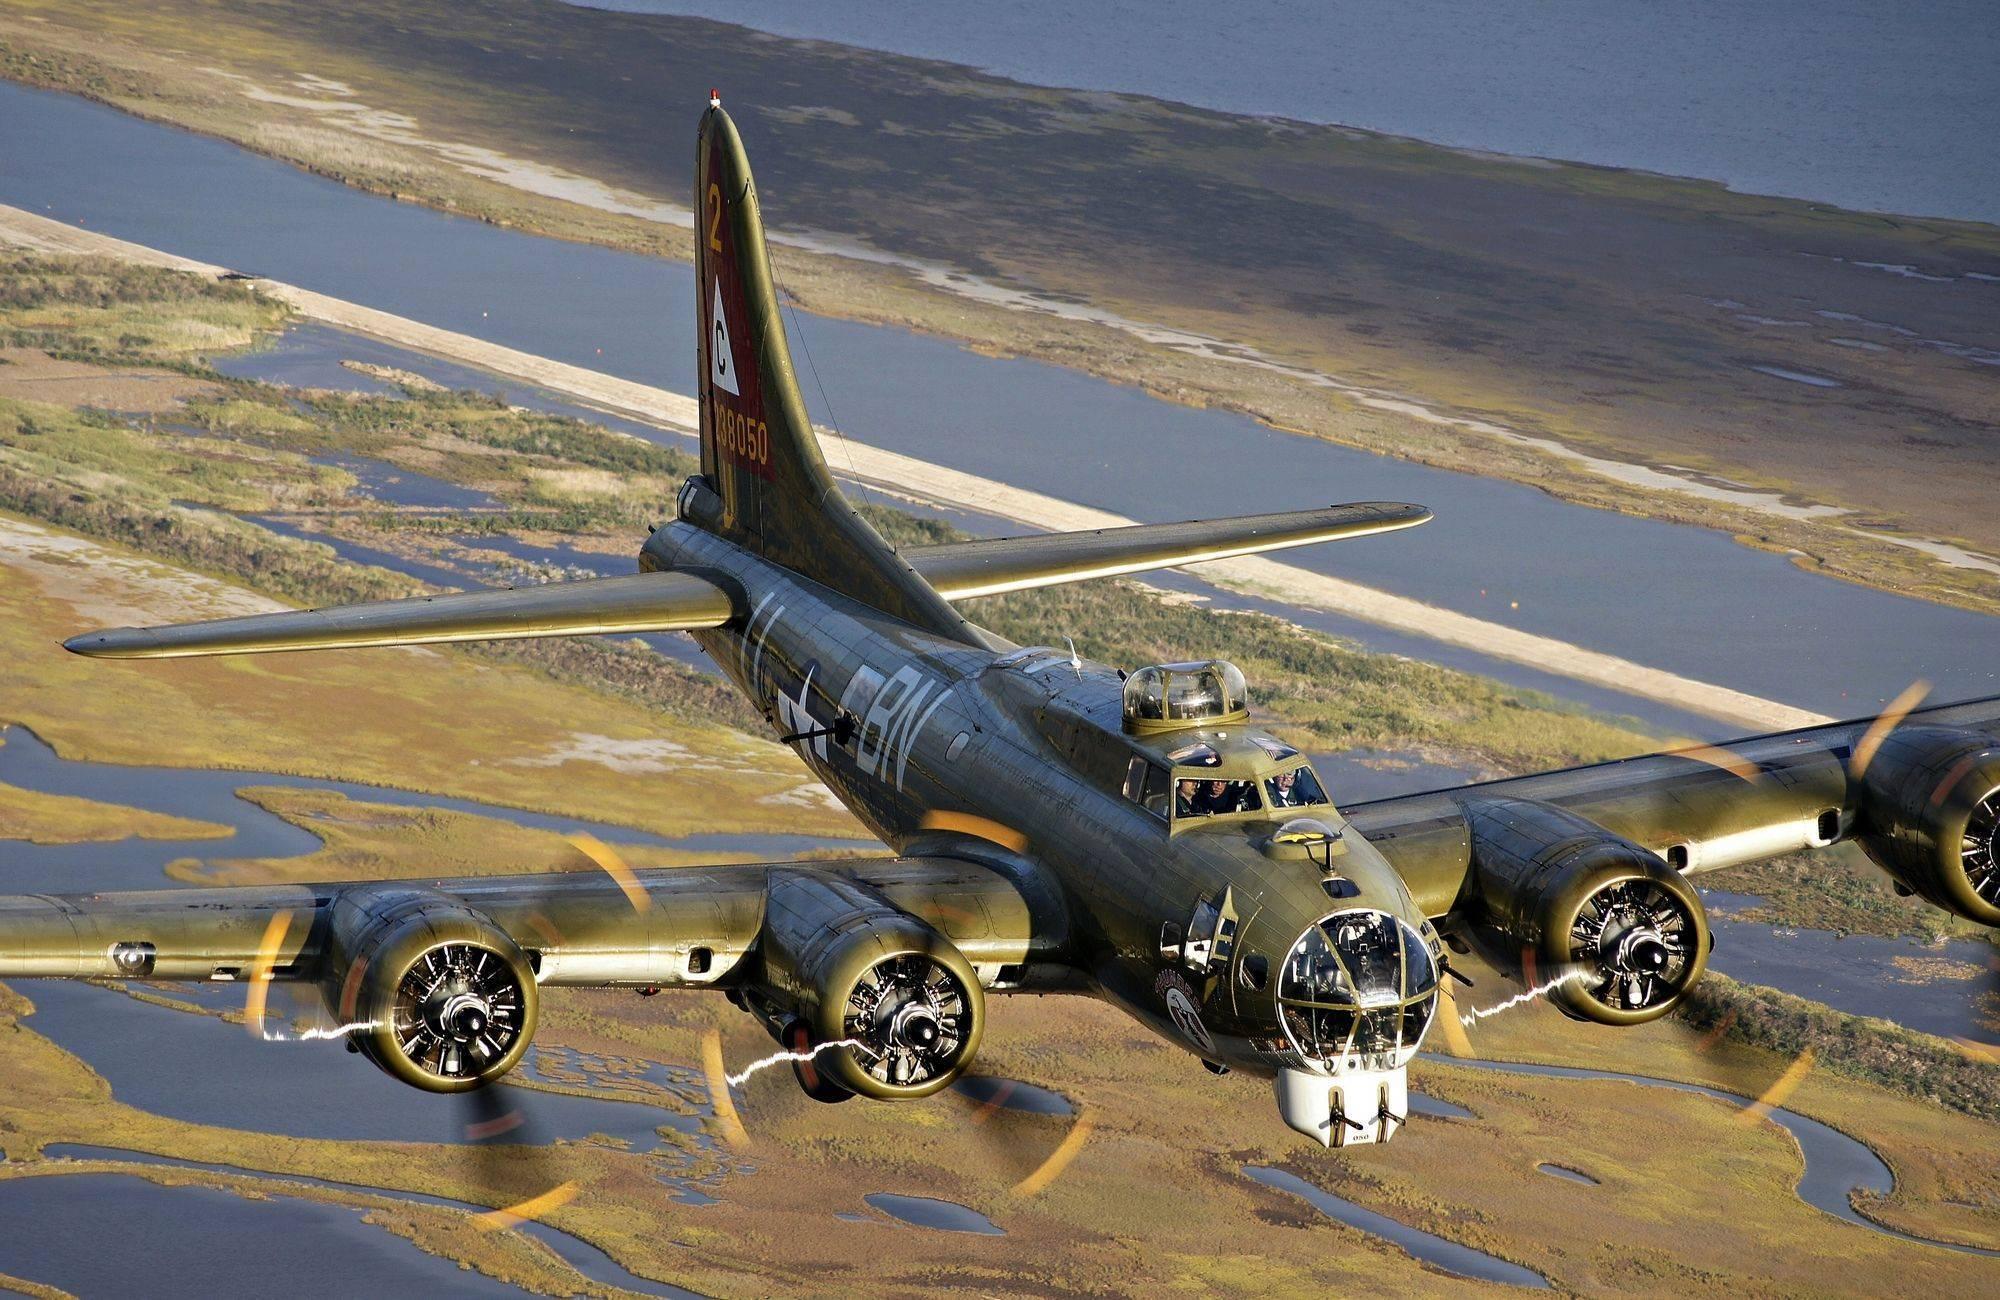 Бомбардировщик боинг b-17 «летающая крепость» | армии и солдаты. военная энциклопедия